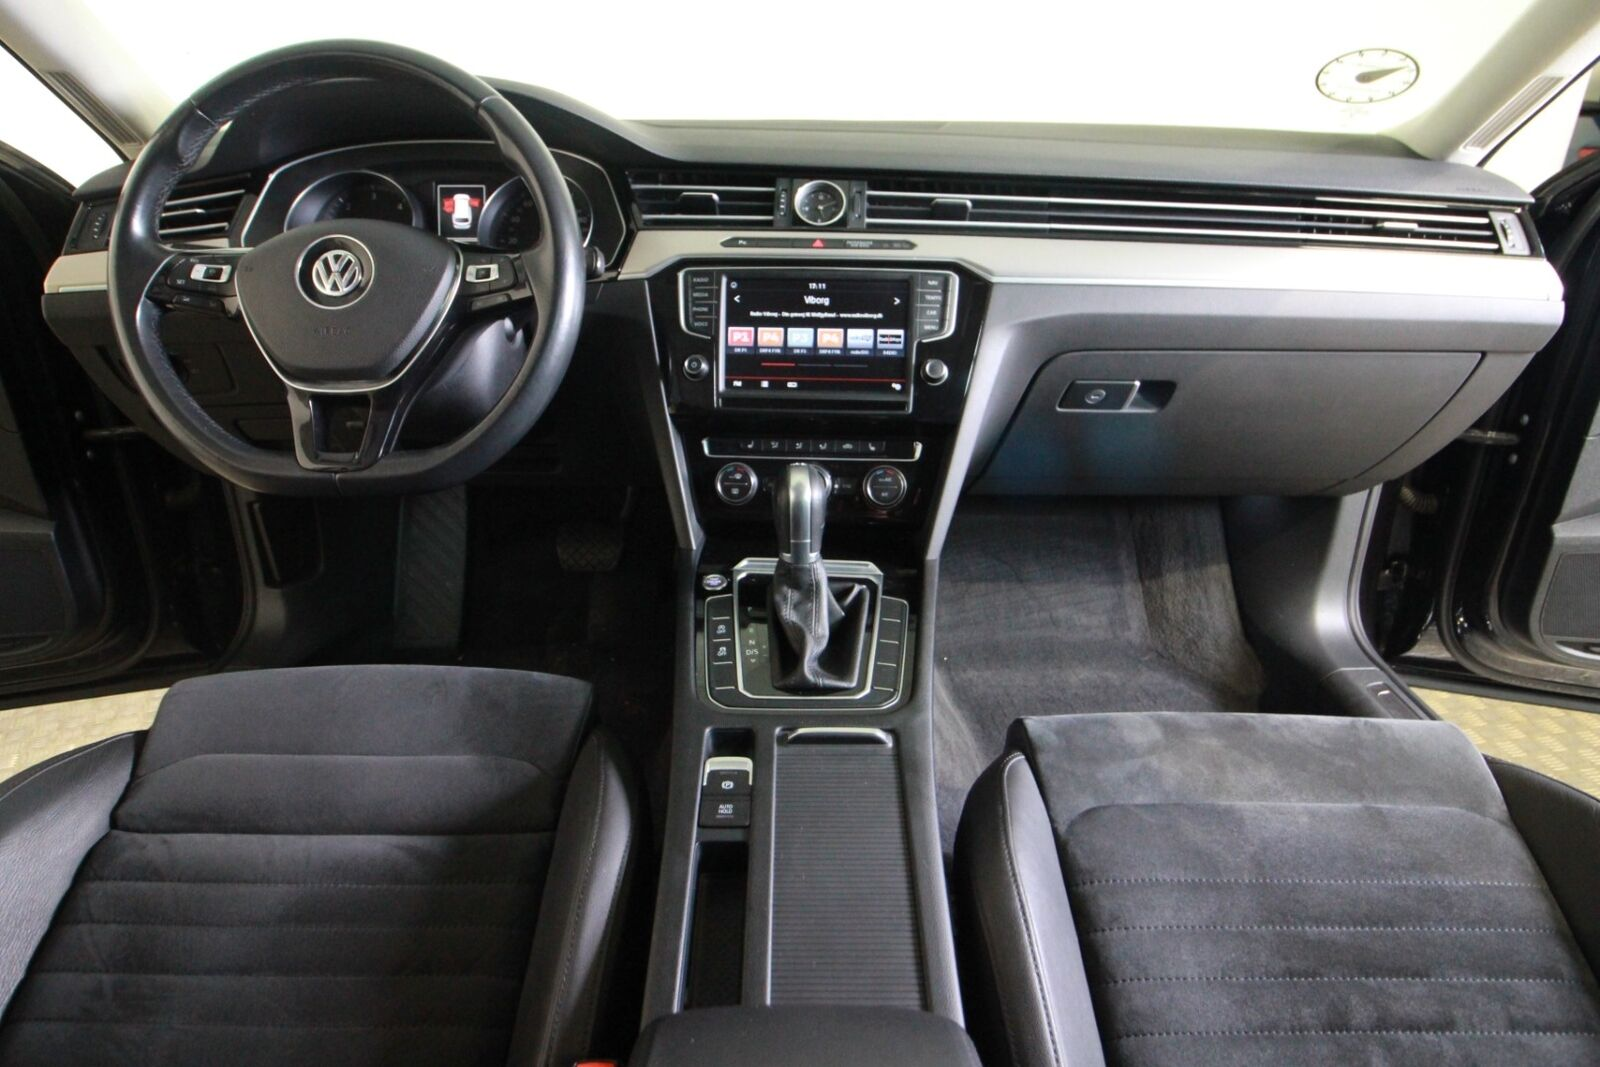 VW Passat TDi 190 Highline Variant DSG